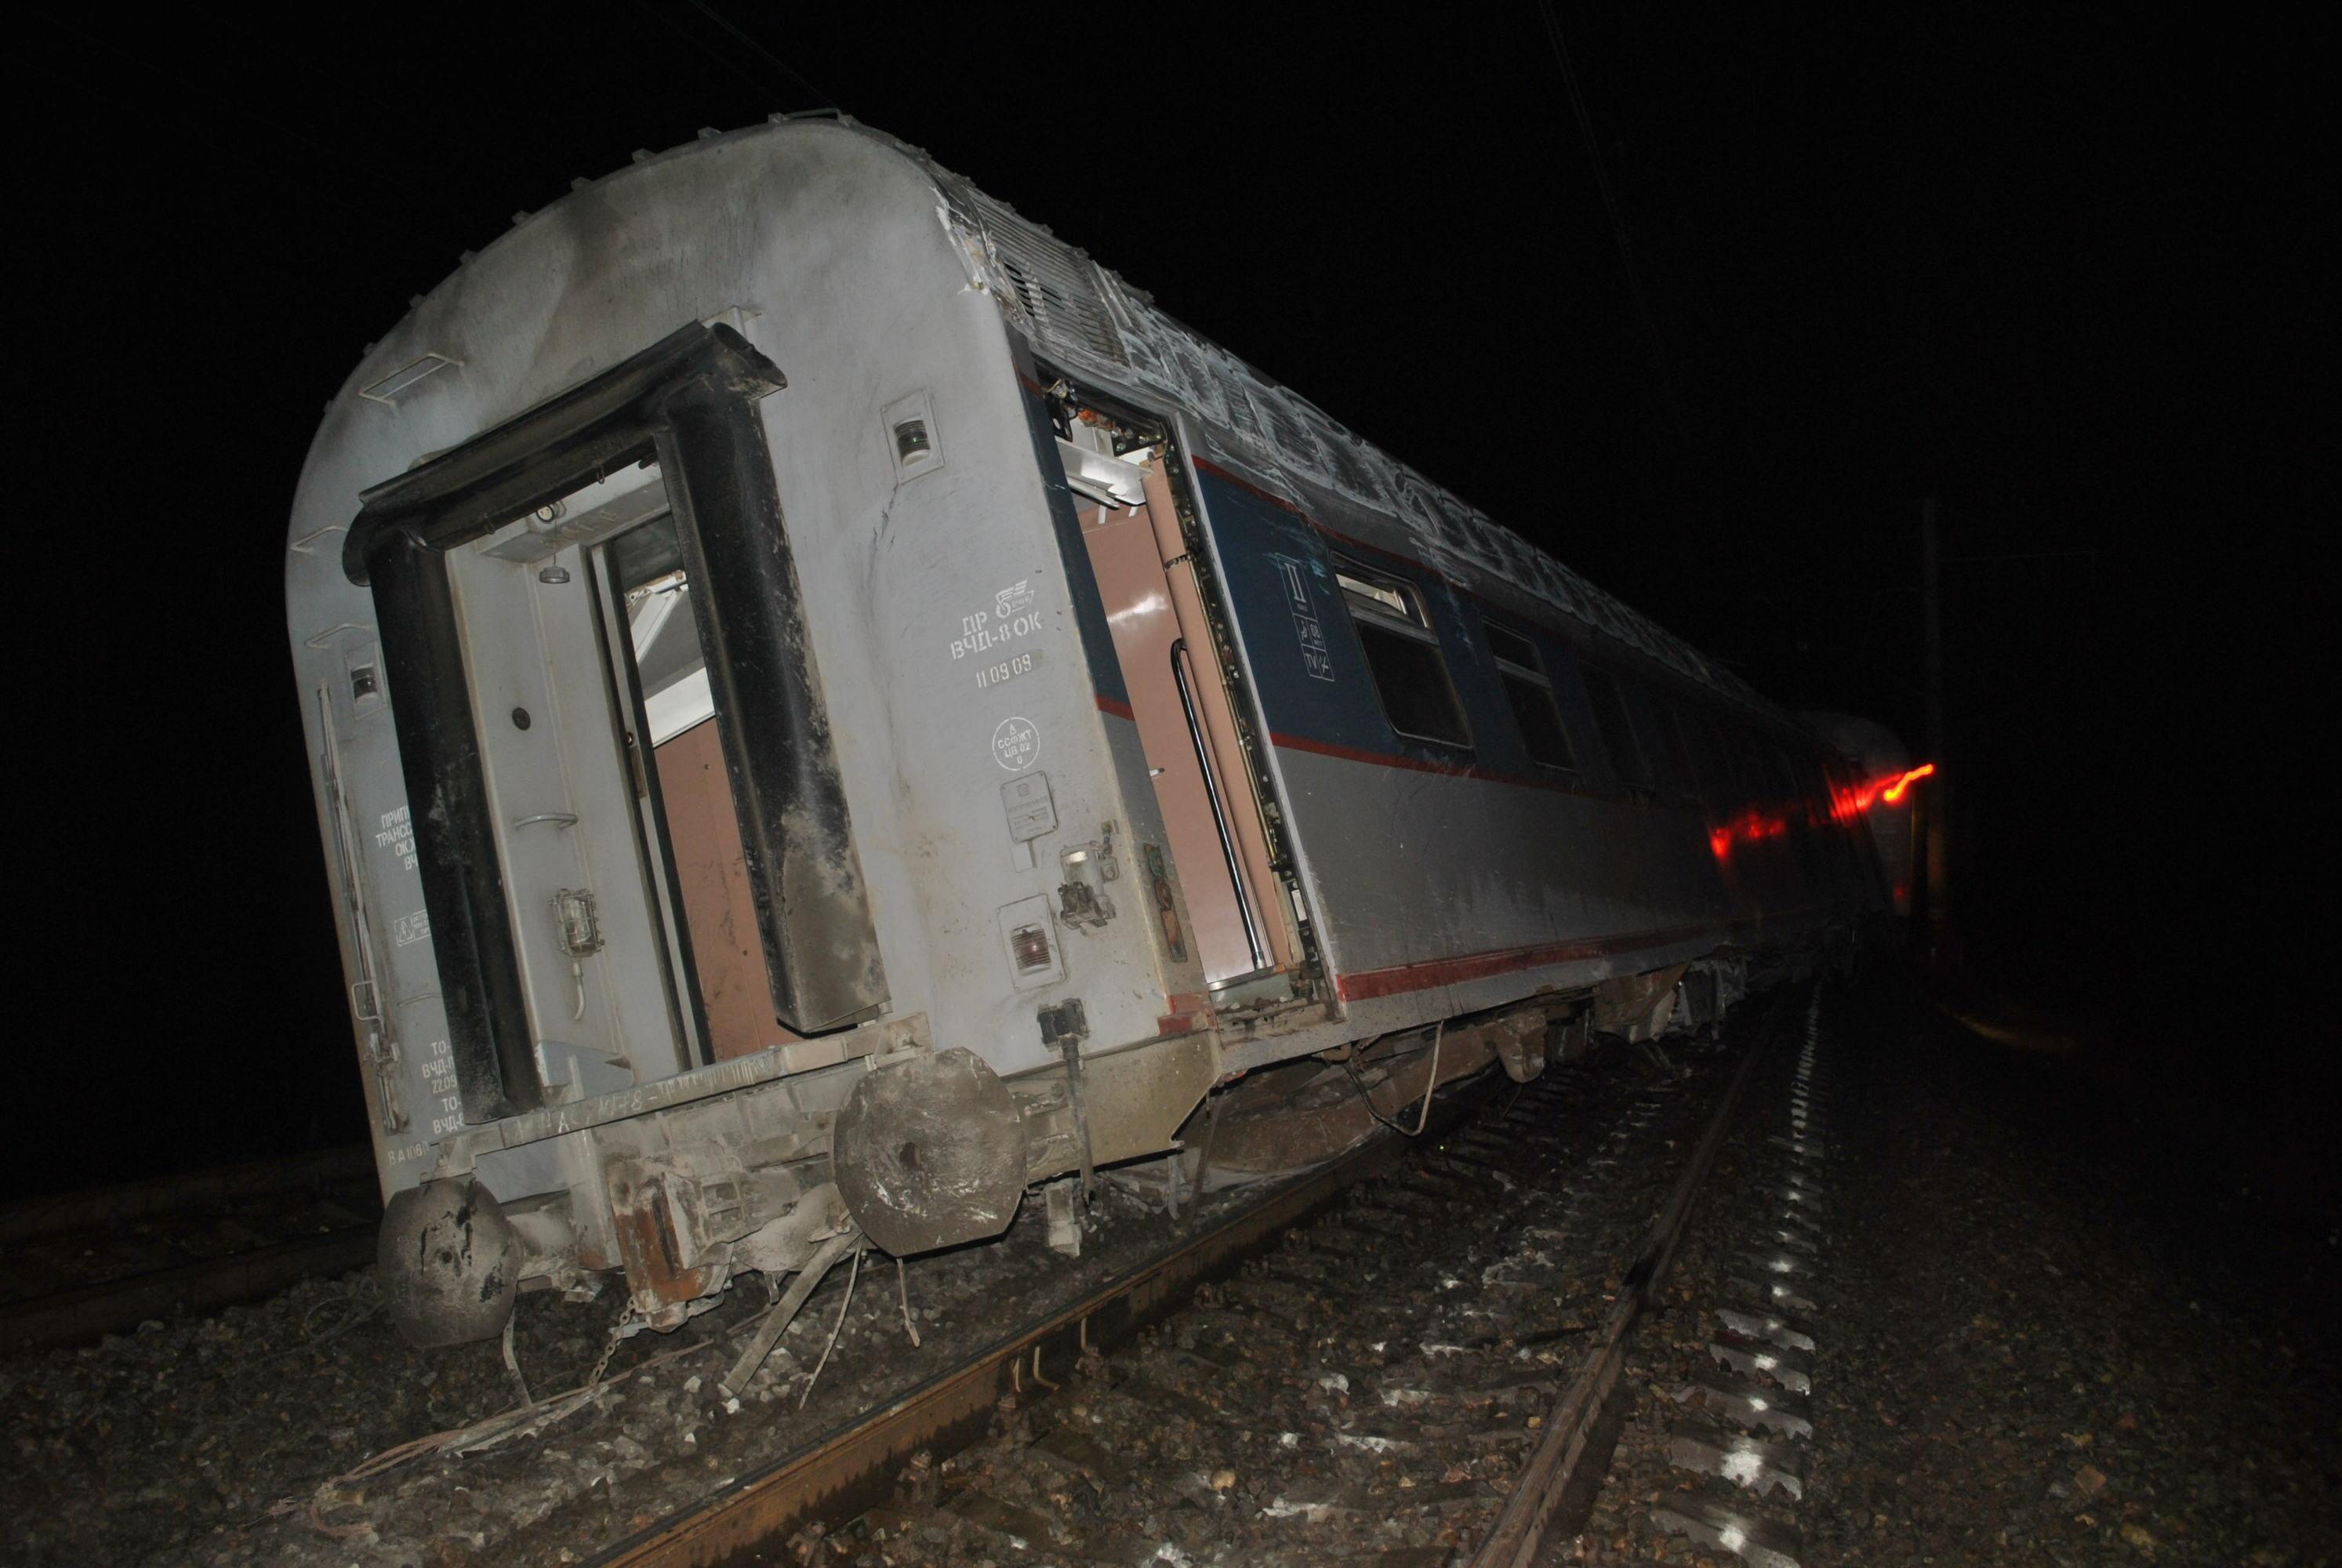 Поезд Невский экспресс сошел с рельсов в Тверской области